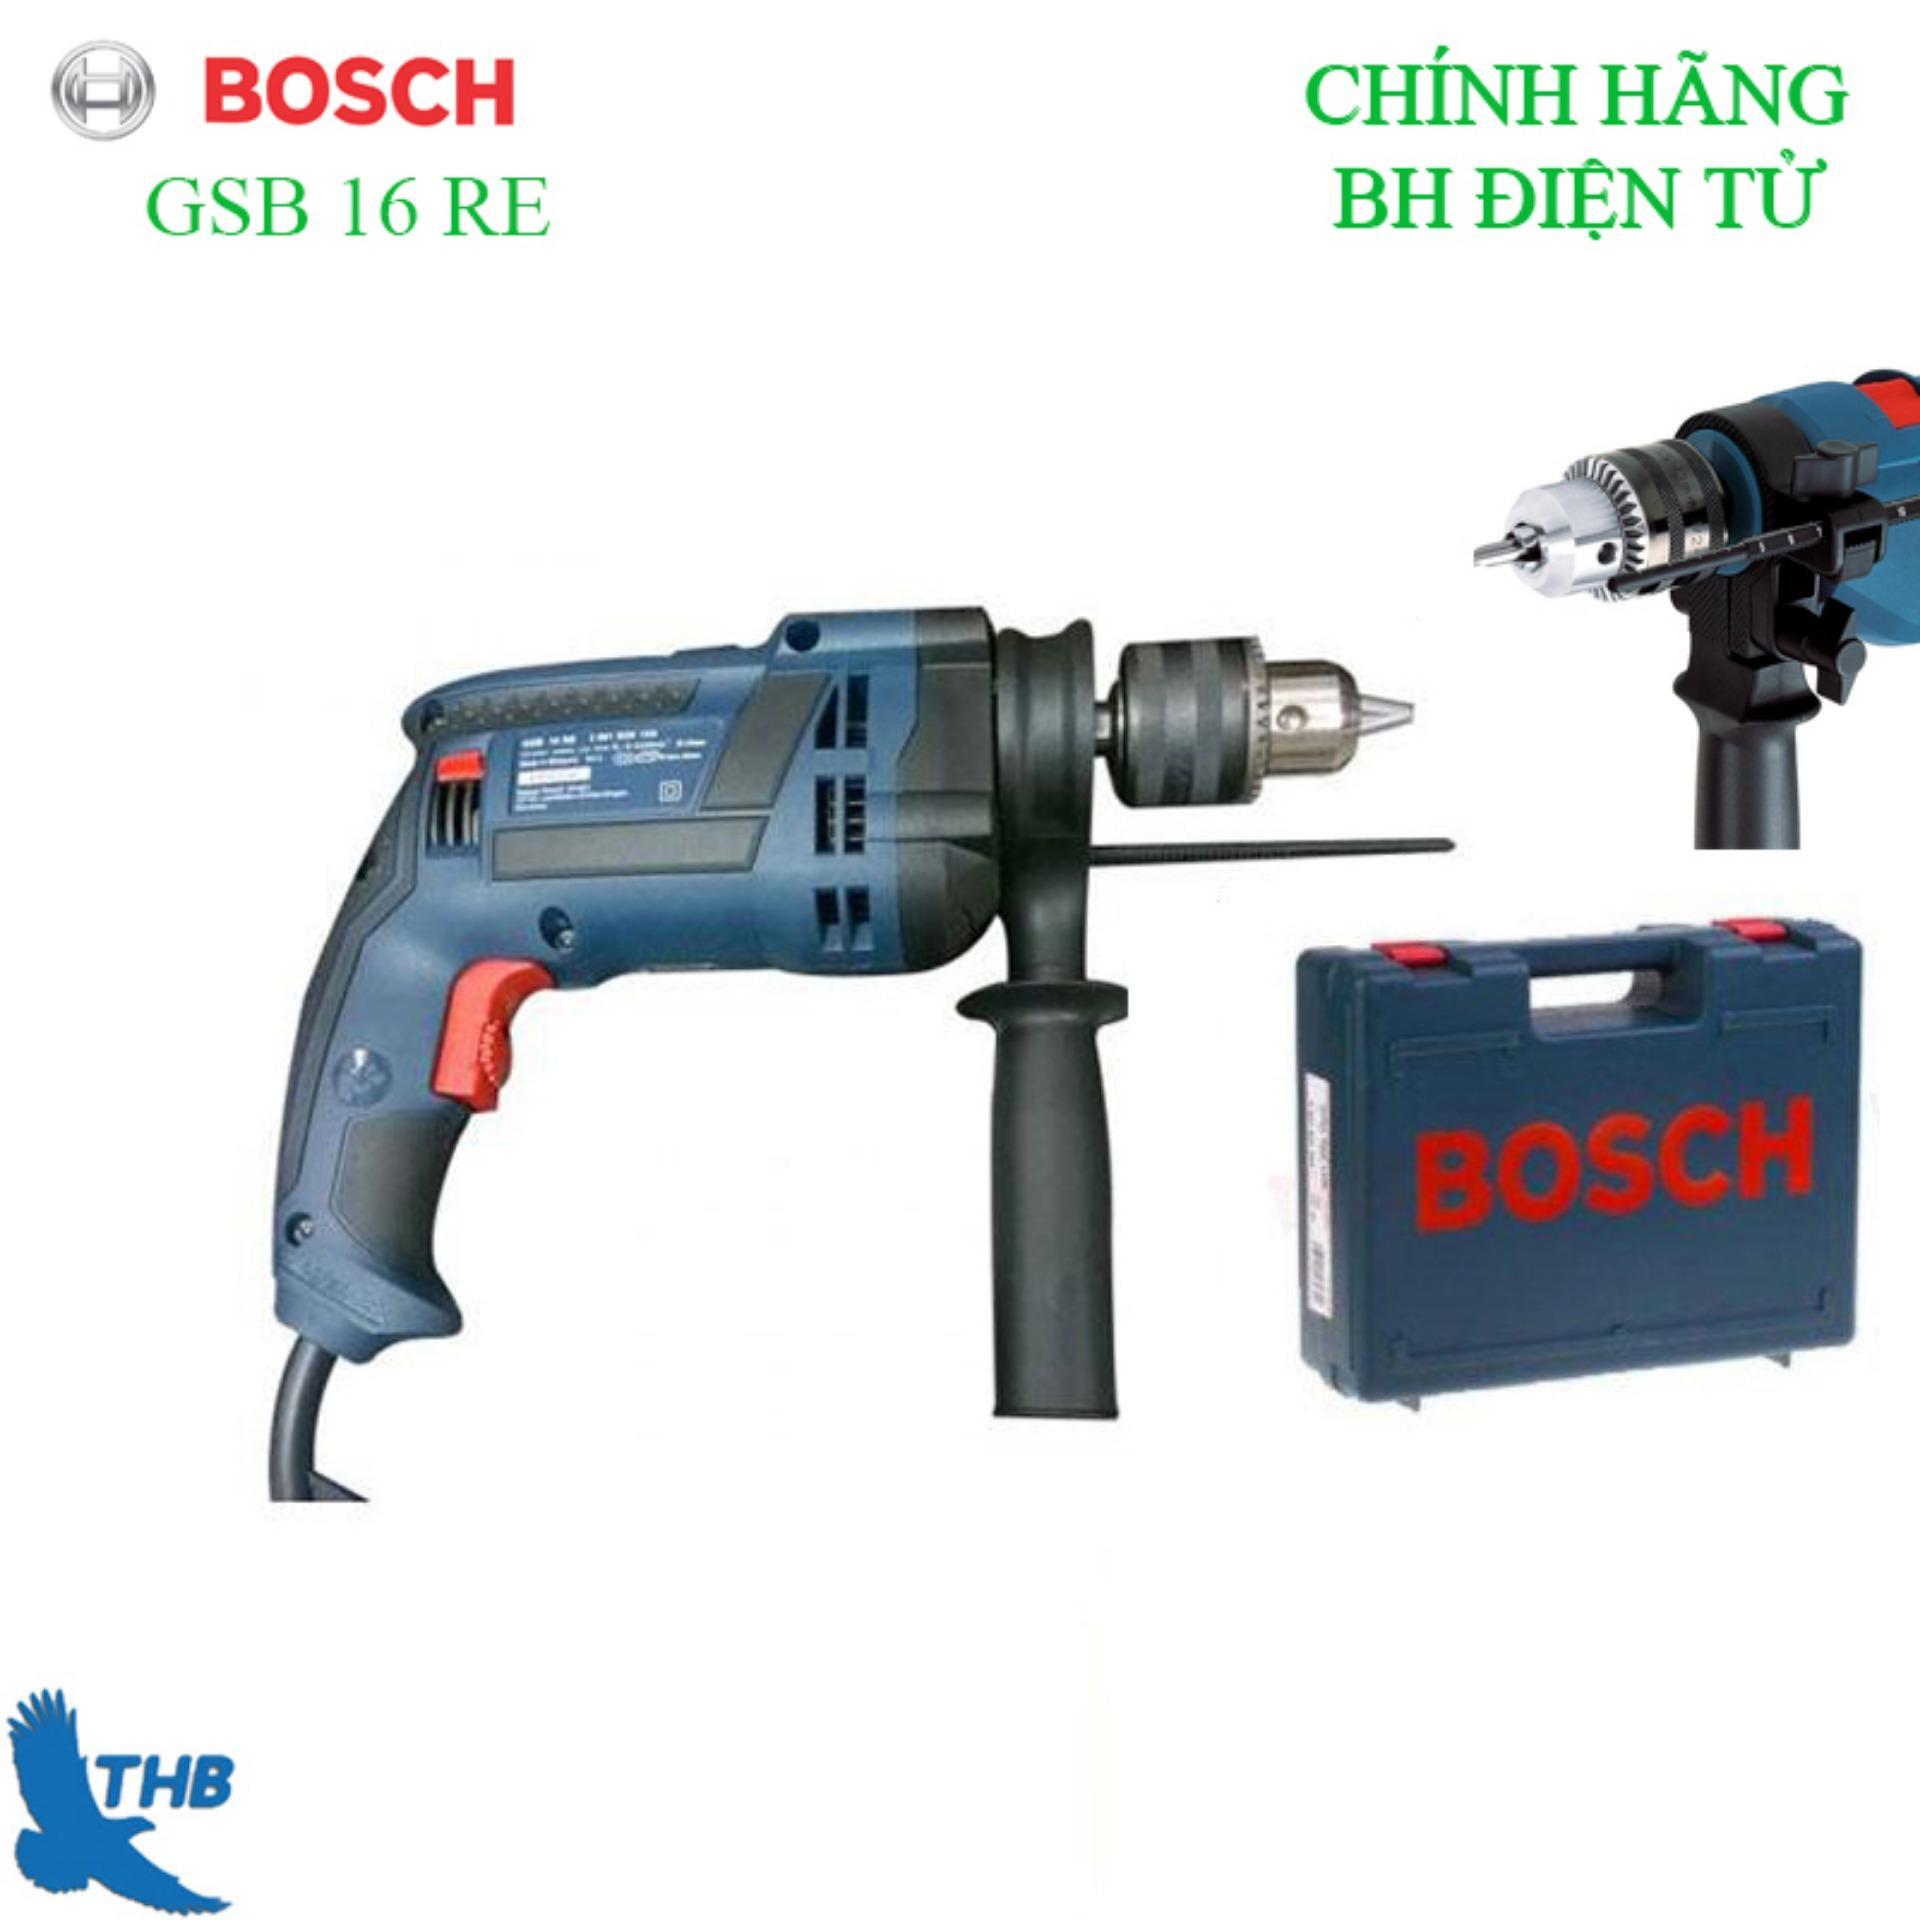 Máy khoan động lực Bosch GSB 16 RE cải tiến Kèm hộp nhựa